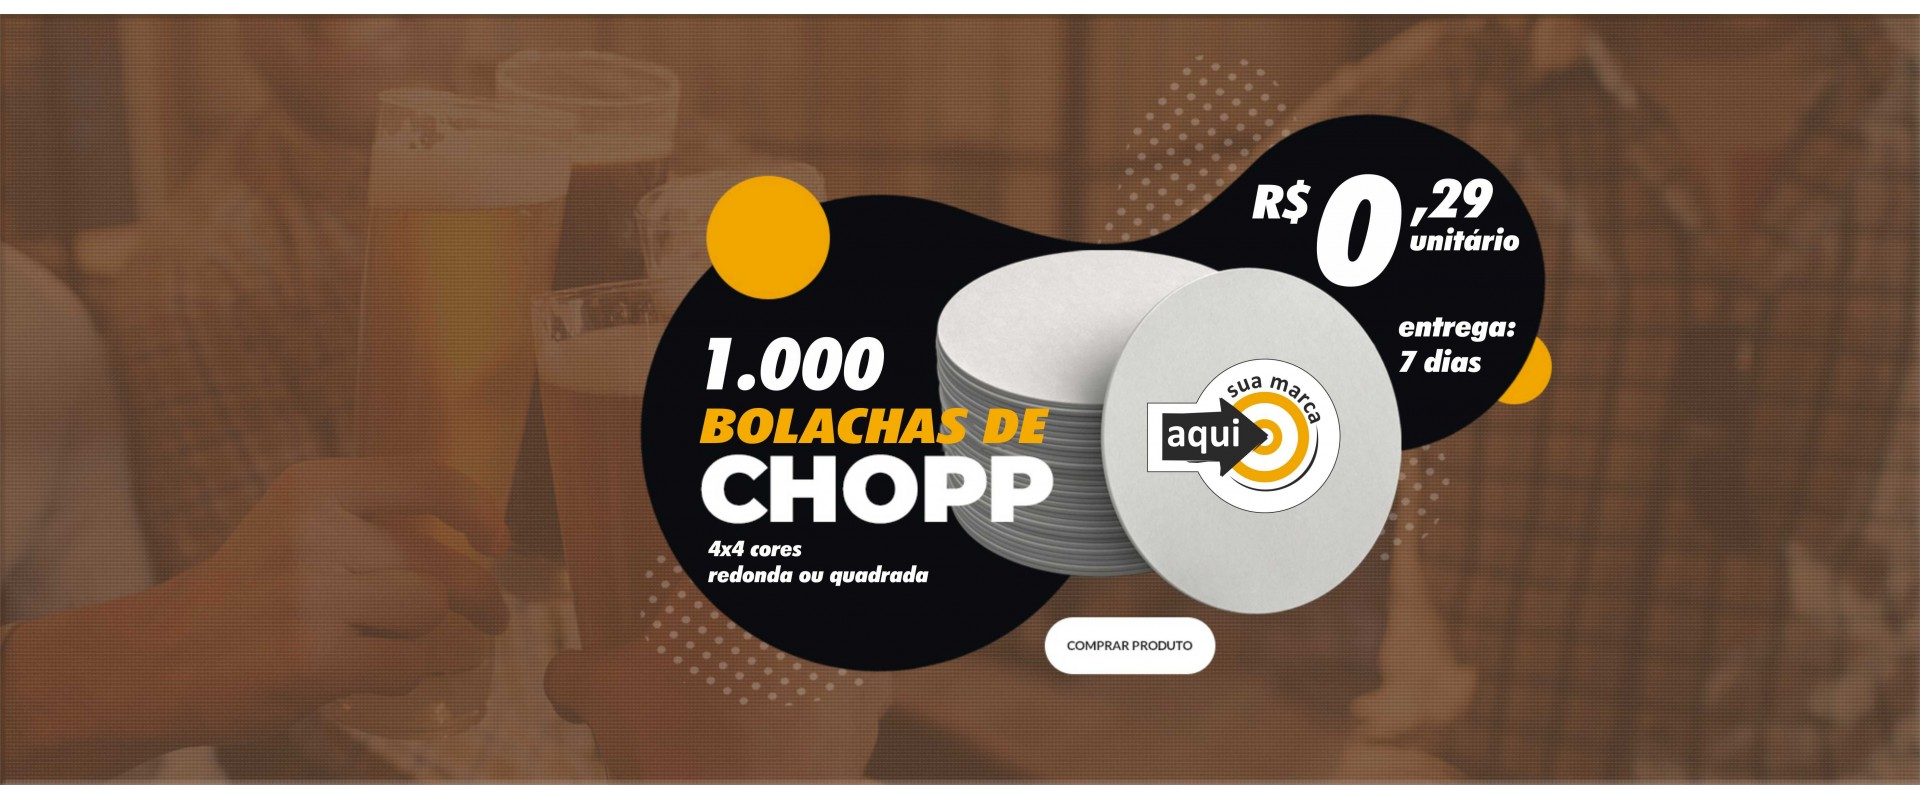 1.000 Bolachas para Chopp